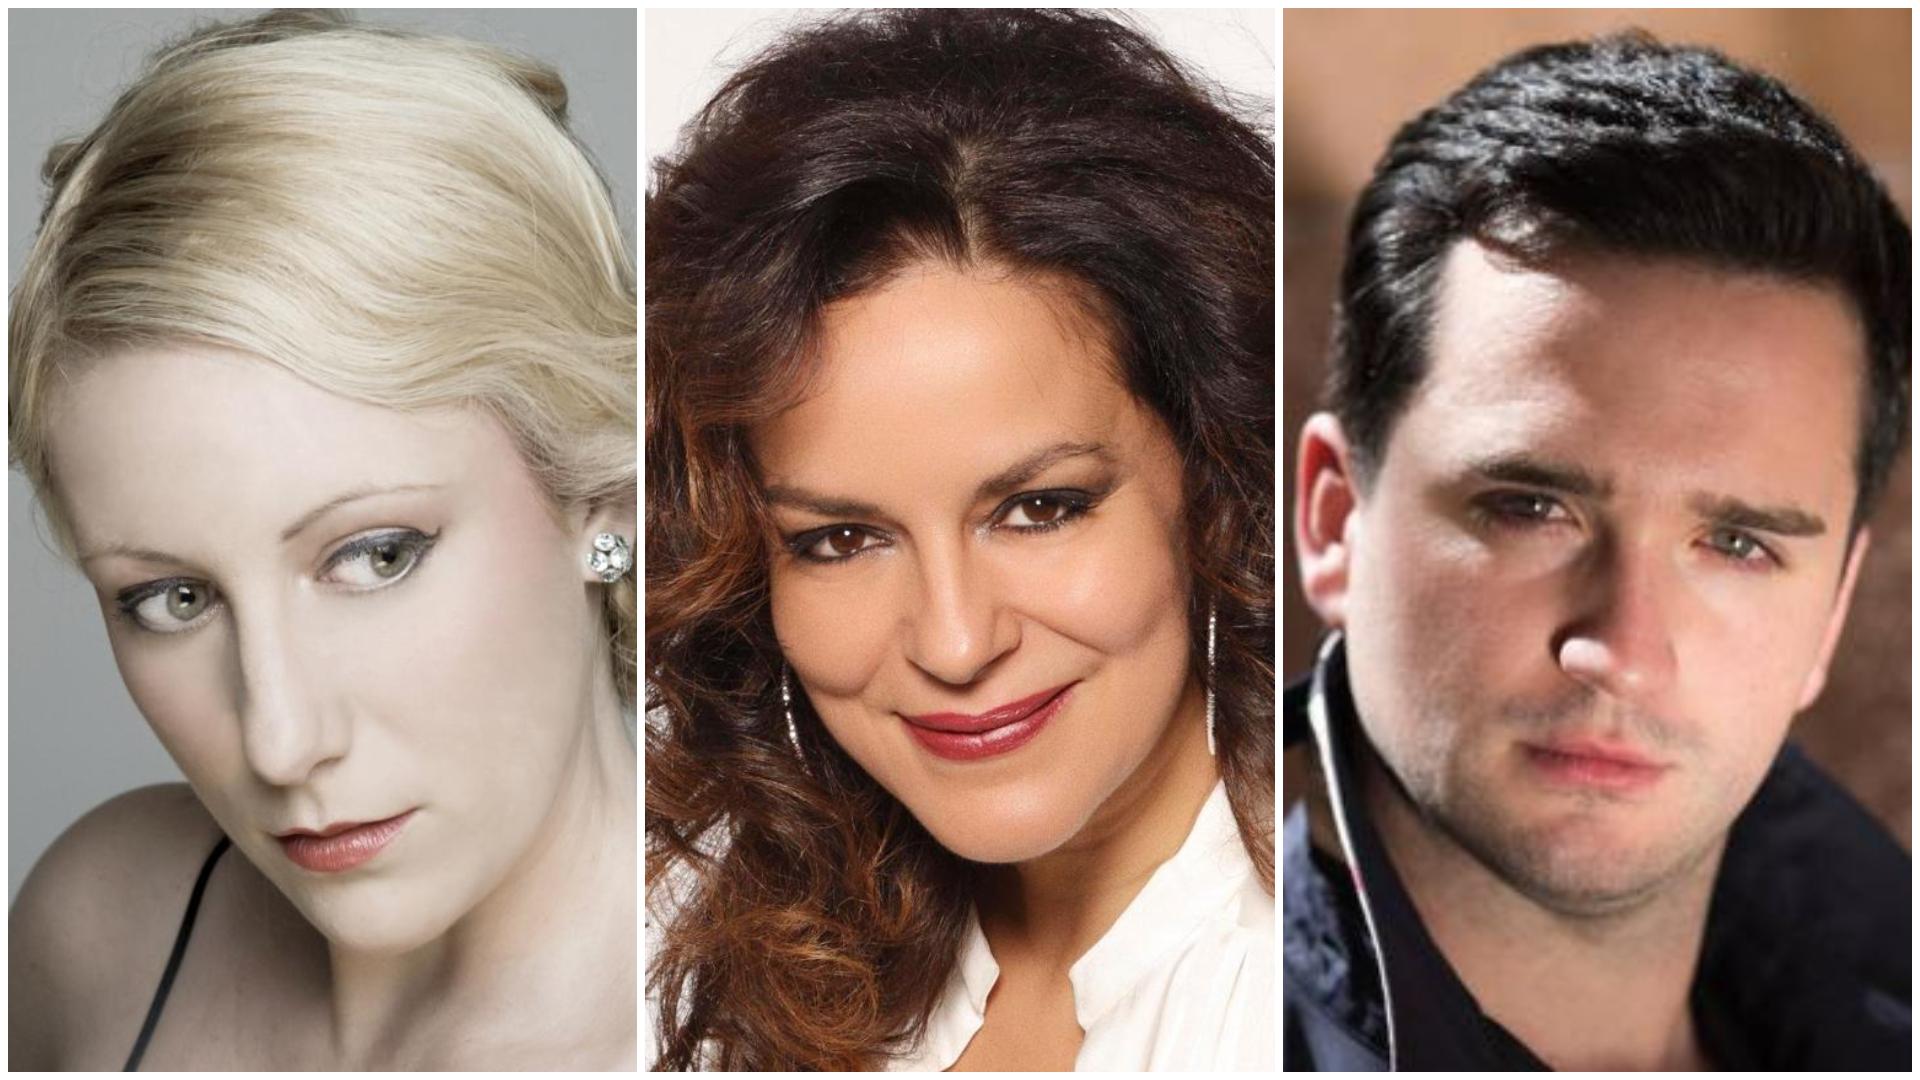 Saioa Hernández, Nancy Fabiola Herrera y Xabier Anduaga en la 54º temporada de la Ópera de Las Palmas